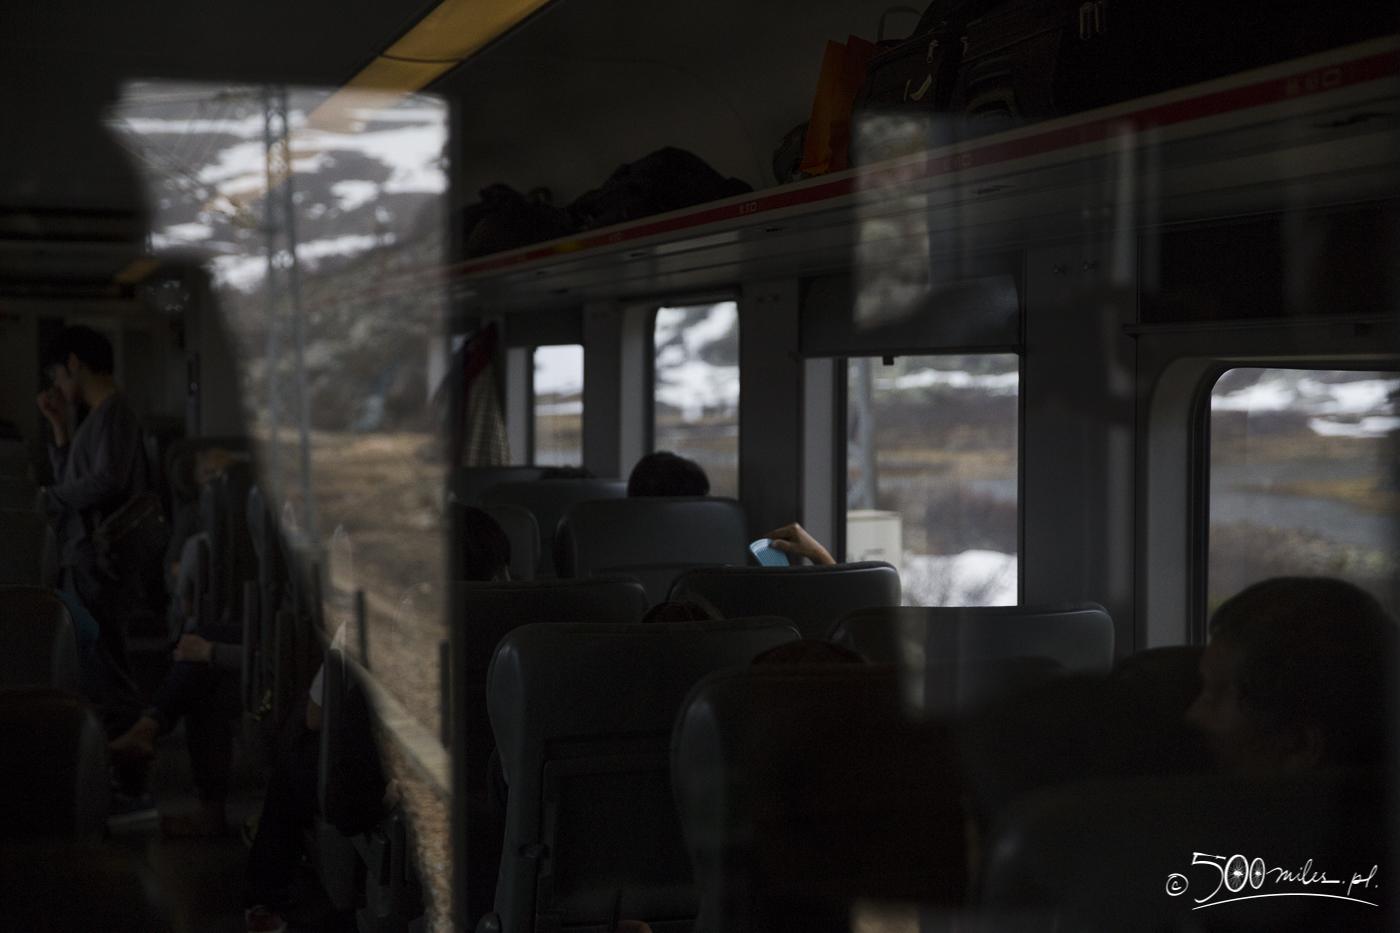 Oslo-Bergen train ride - inside of the train